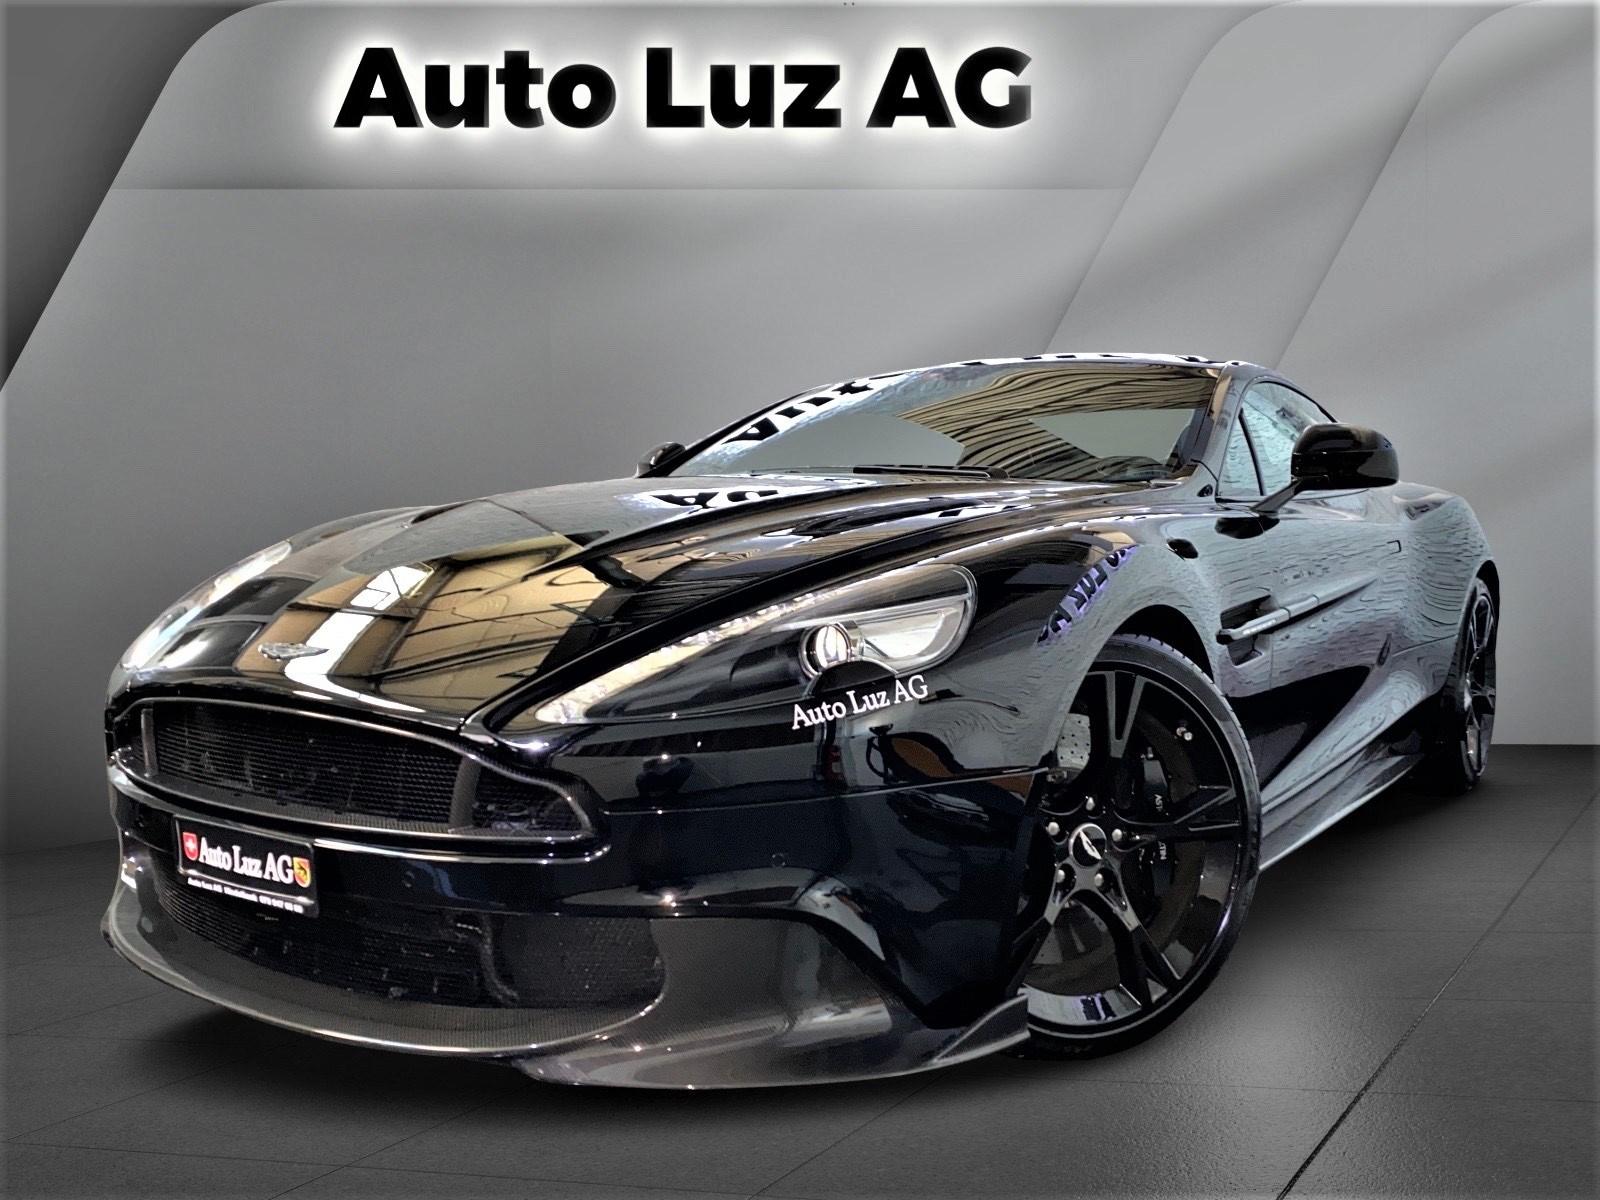 Gebraucht Sportwagen Aston Martin Vanquish V12 Vanquish Vanquish S Ultimate V12 Touchtronic 3 7250 Km Für 219000 Chf Kaufen Auf Carforyou Ch